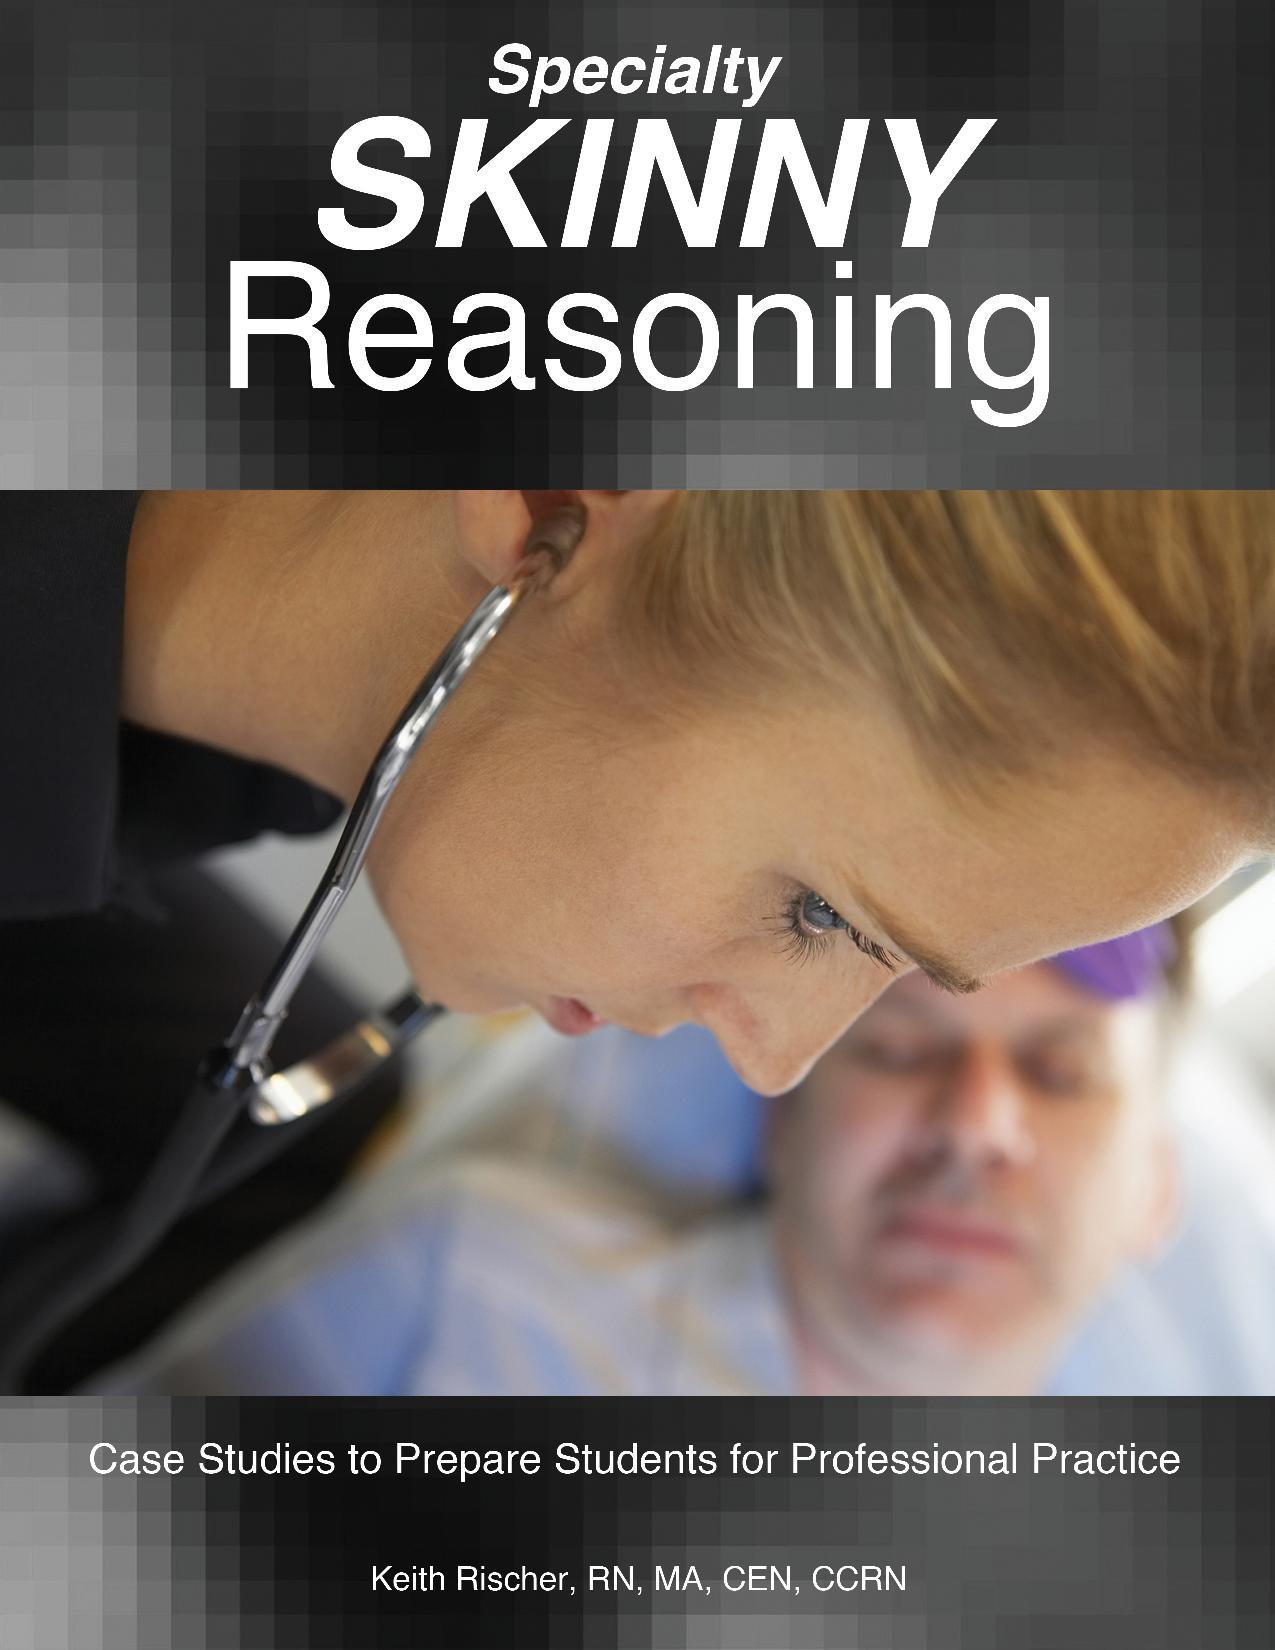 Workbook-SKINNY Specialty Reasoning-Peds-OB-Mental Health Case Studies